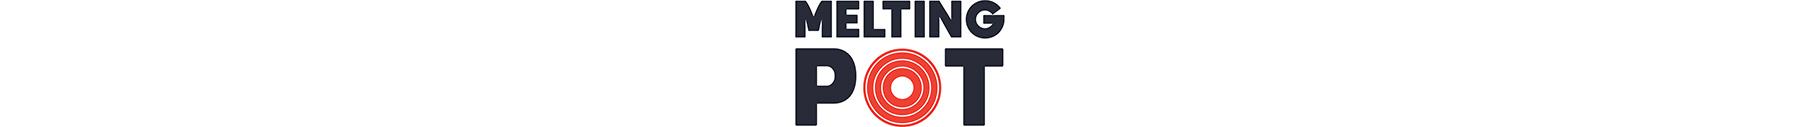 Melting Pot_Official Logo_long for Squarespace.jpg